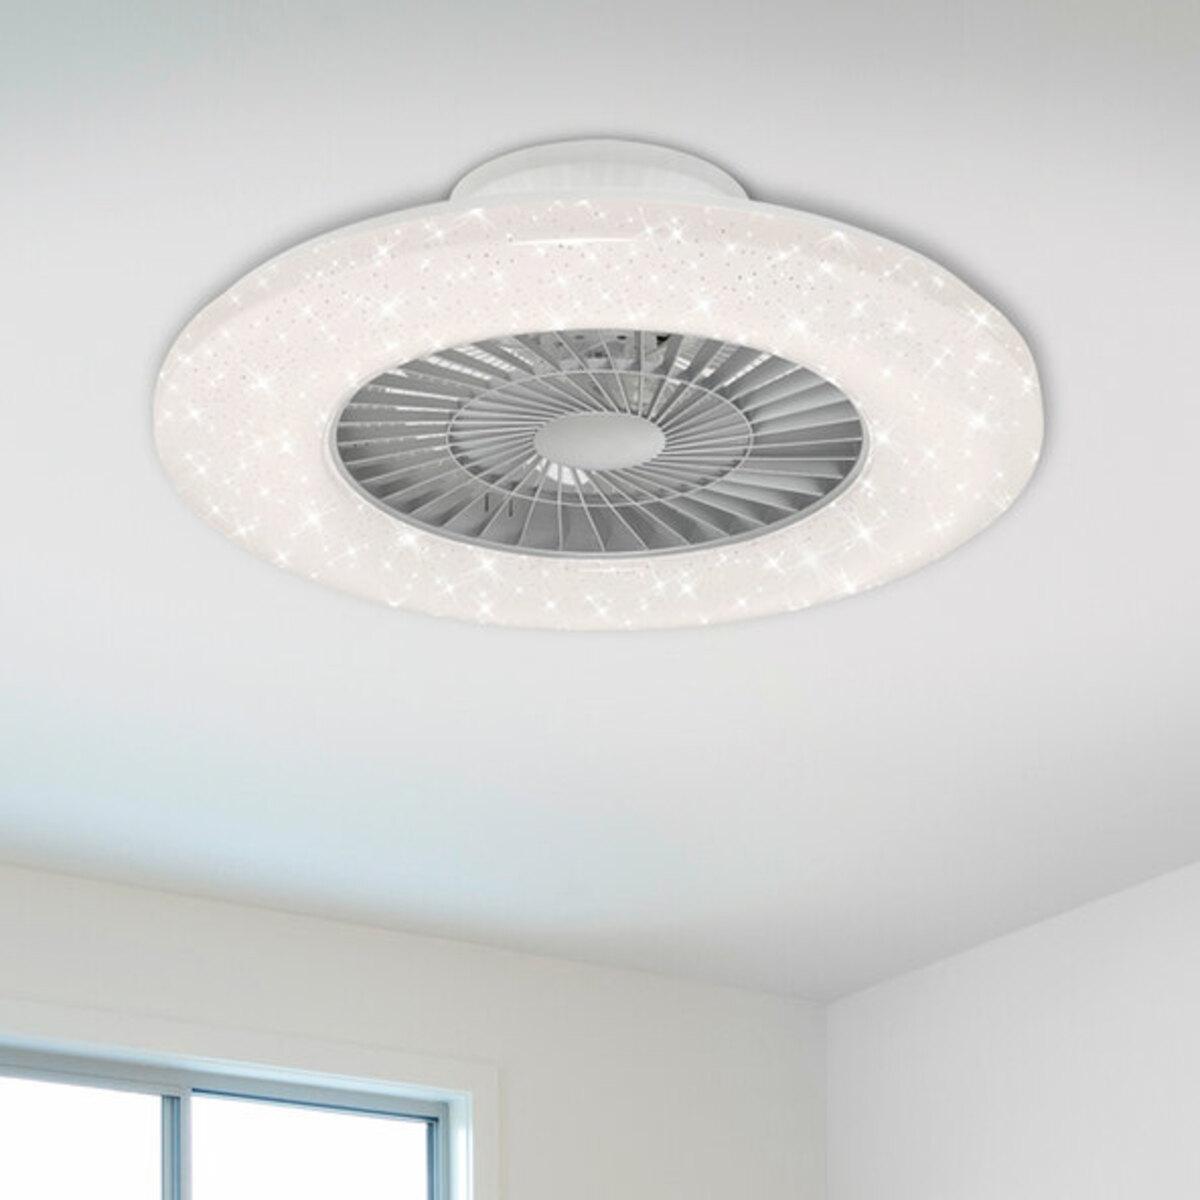 Bild 2 von LED-Deckenleuchte mit Ventilator